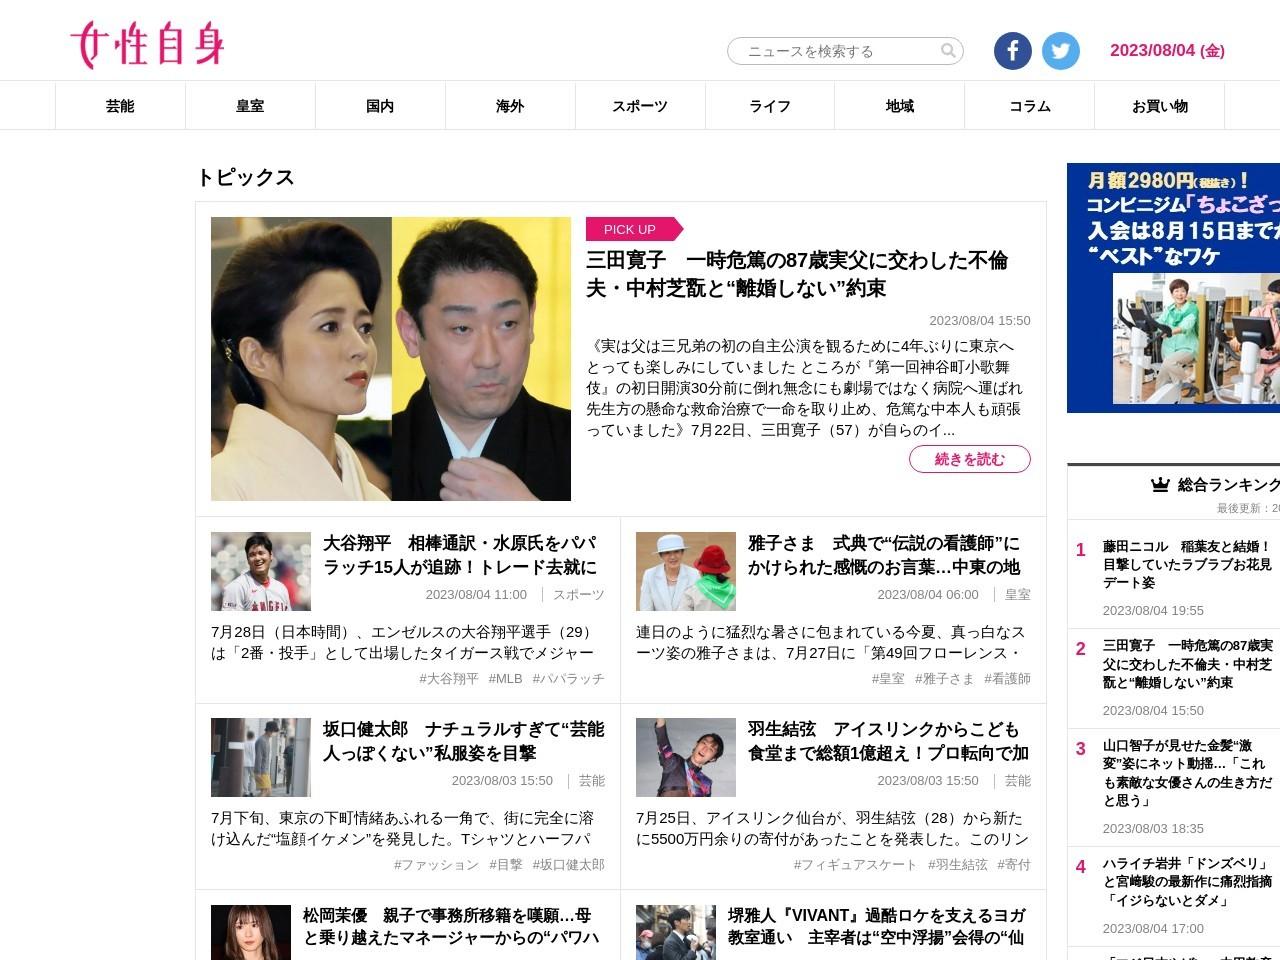 稲垣・草なぎ・香取 生放送開始早々トレンド1位獲得